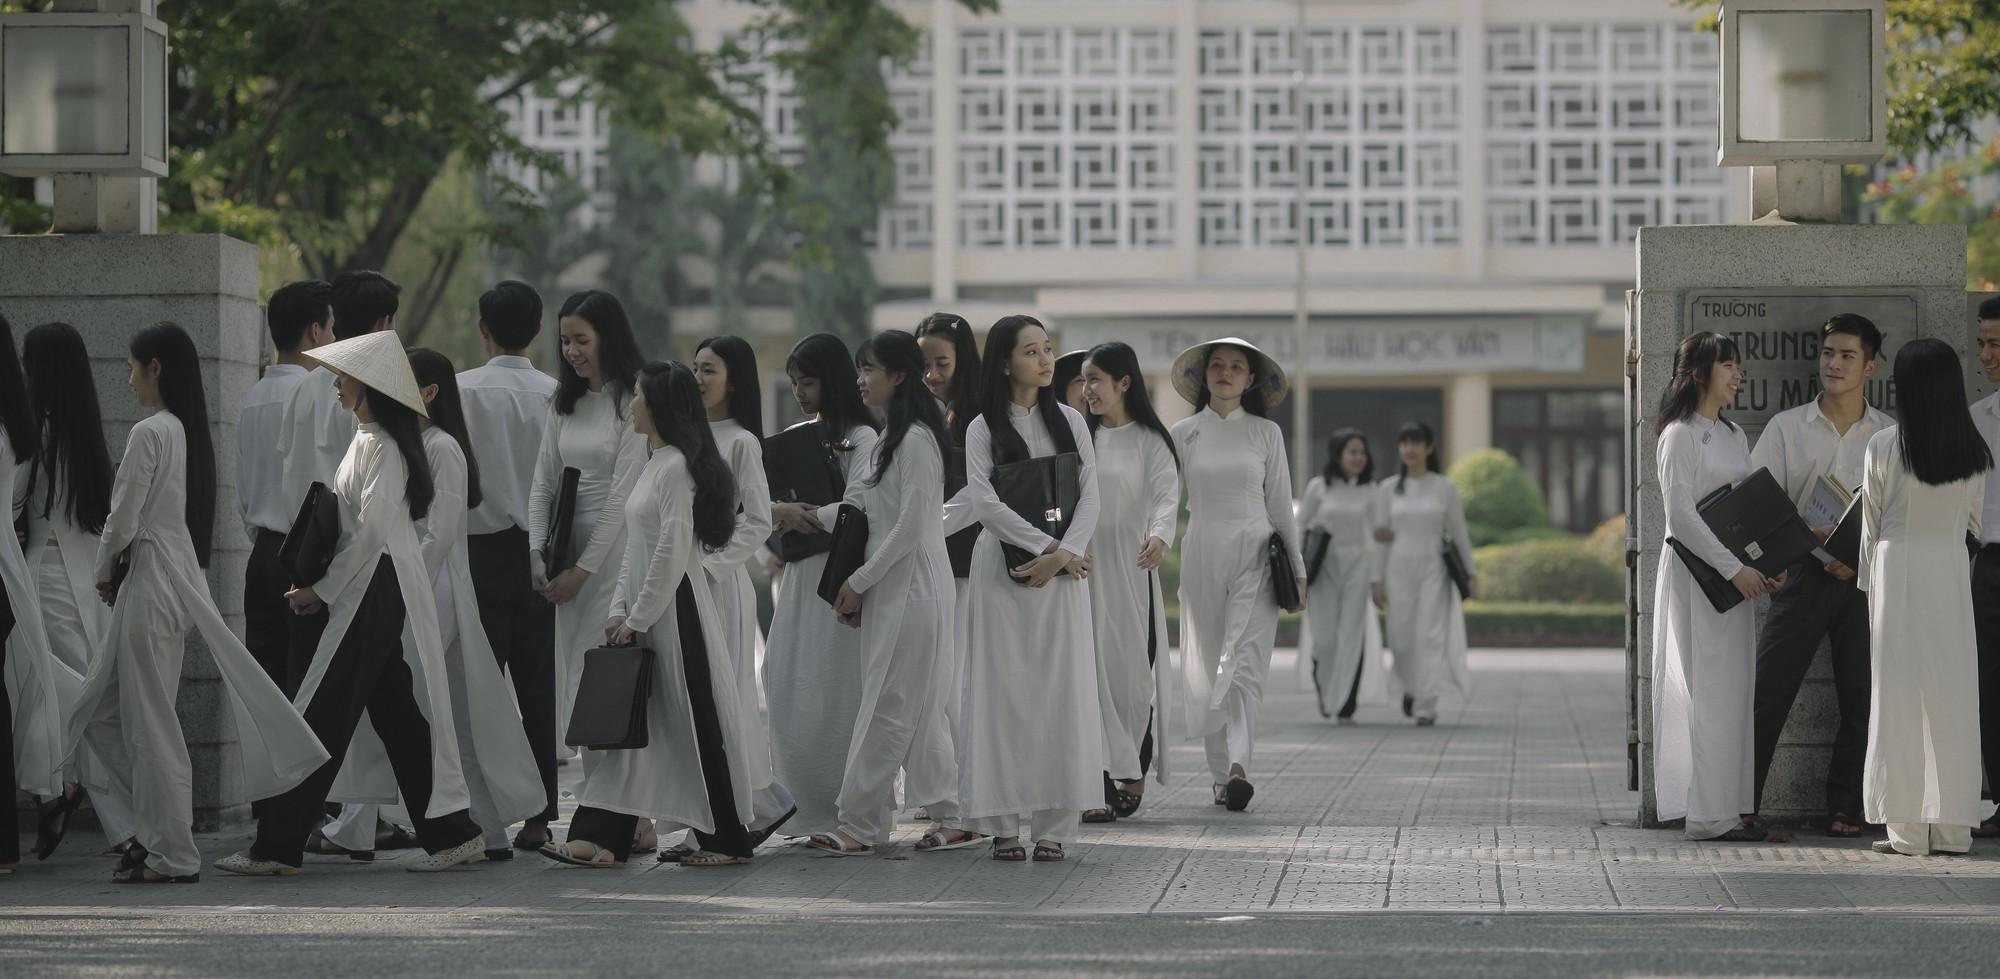 Trở về hồi ức tuổi trẻ cùng Mắt Biếc: Hà Lan đẹp đến nao lòng trong tà áo dài trắng bên chàng Ngạn si tình mùa tựu trường - Ảnh 1.